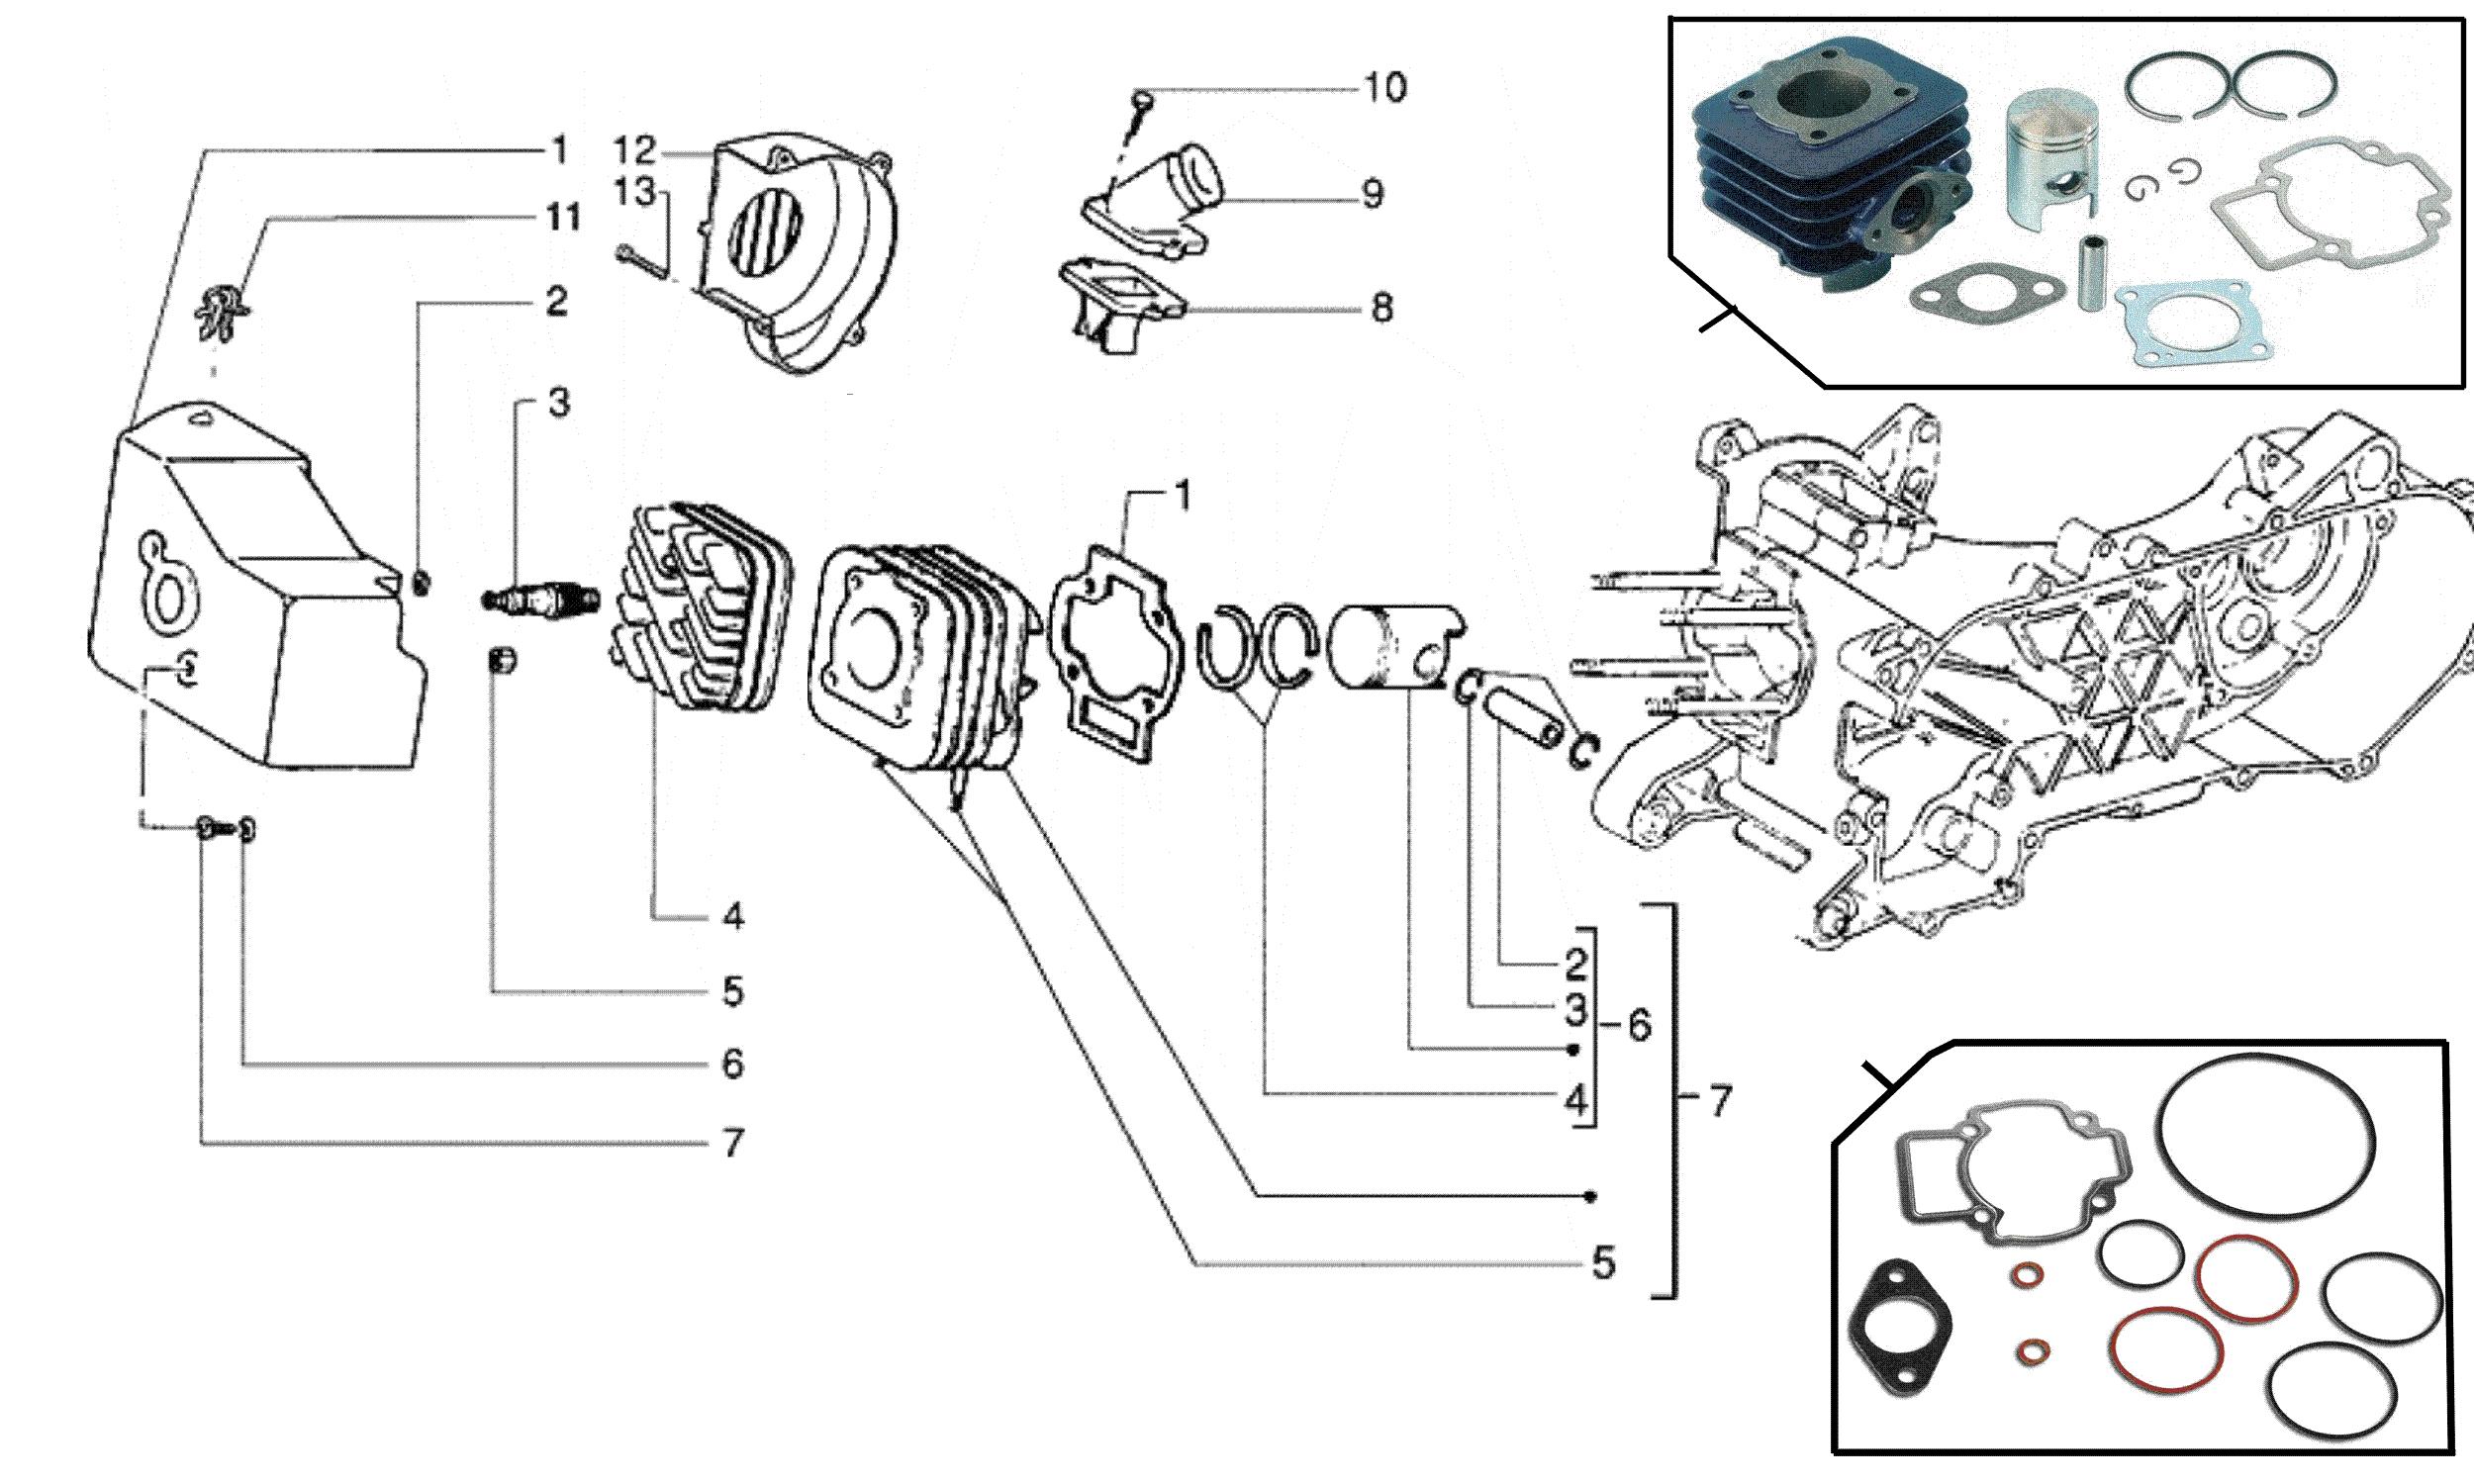 Zylinder, Kolben, Zylinderkopf, Gebläsehaube